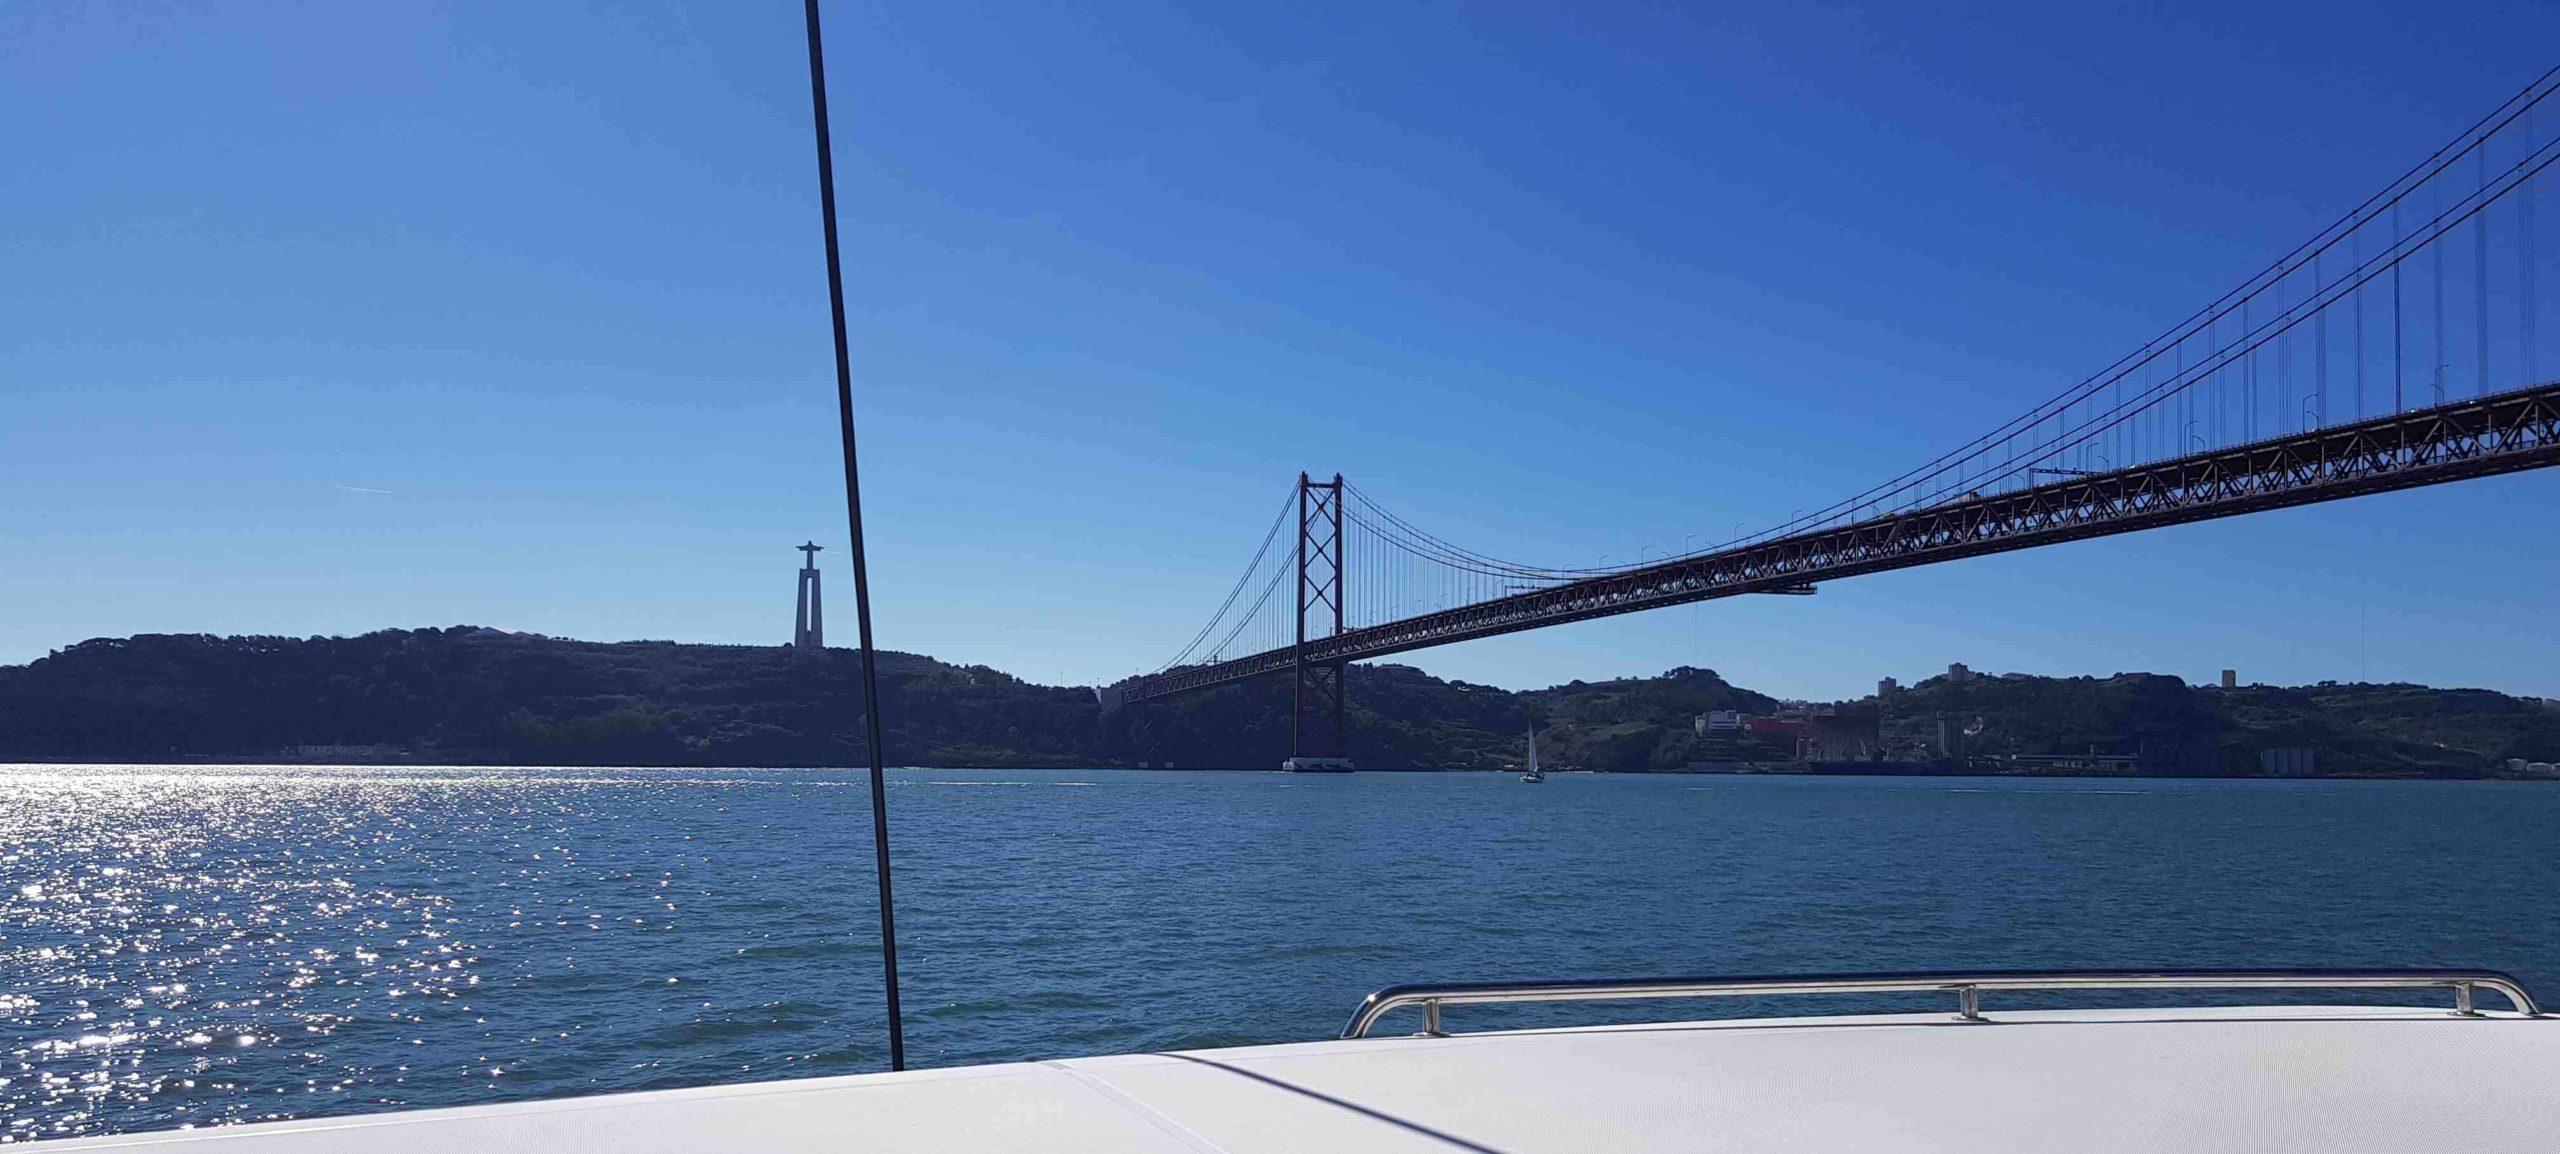 The Bridge 25 de Abril in Lisbon